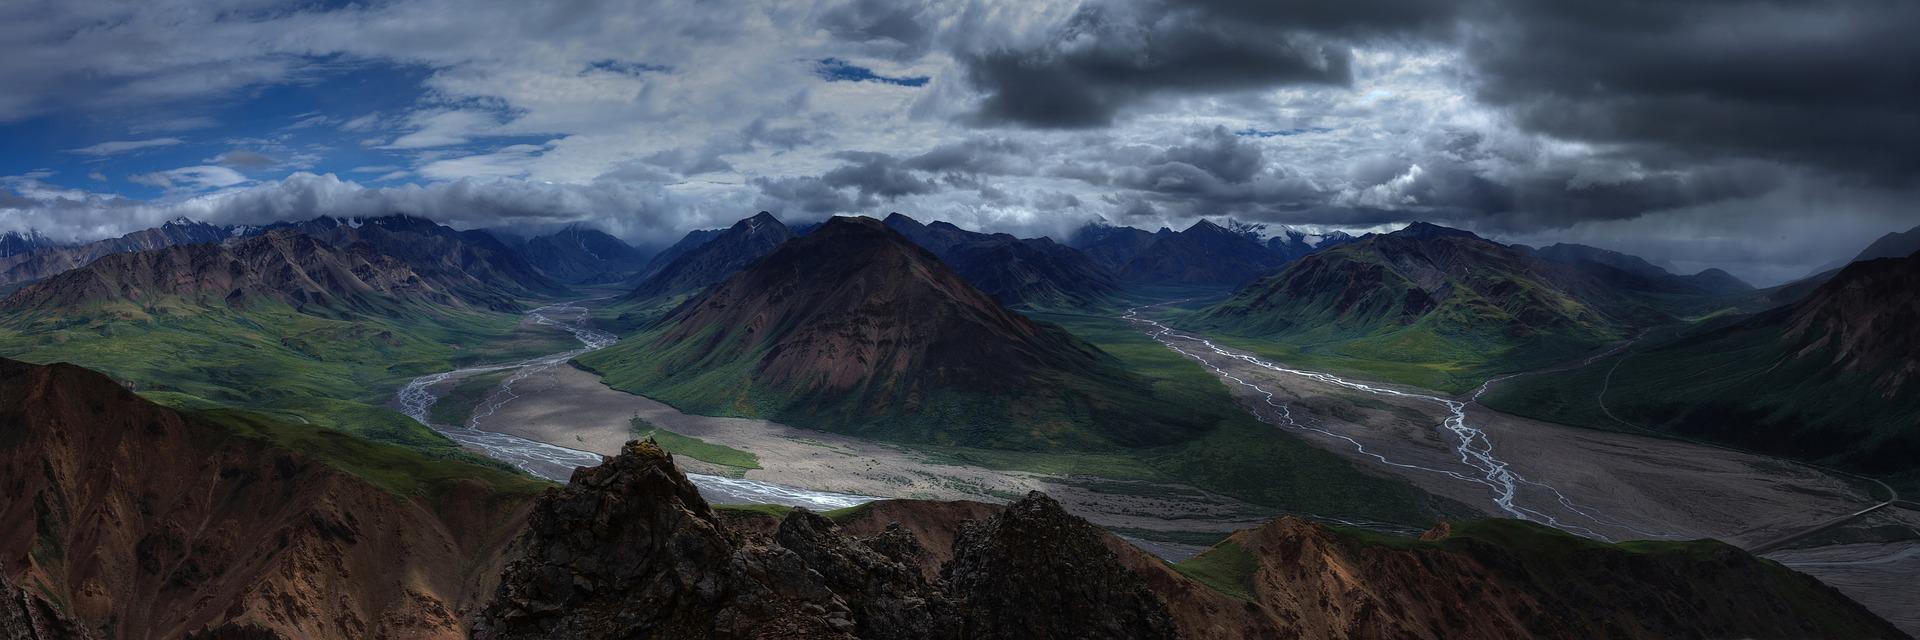 landscape-1622739_1920